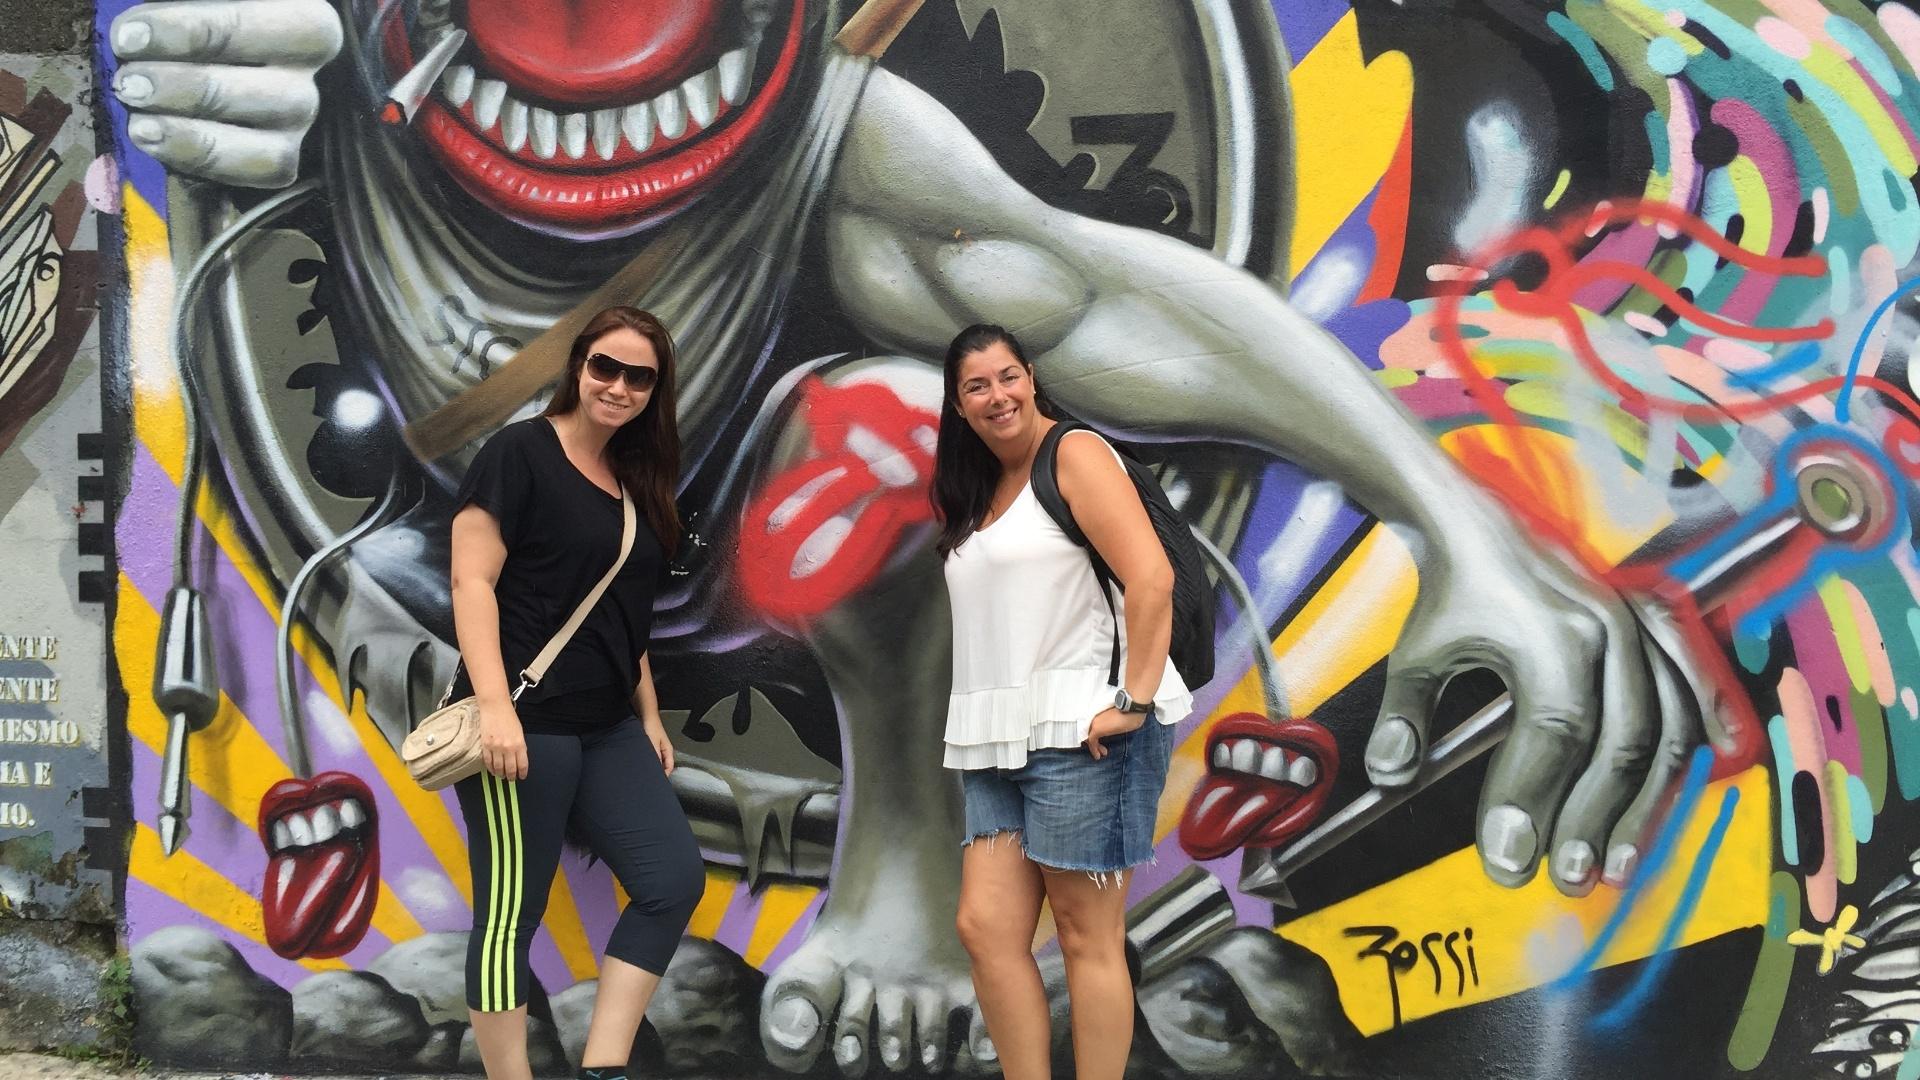 27.fev.2016 - As amigas de Buenos Aires Sabrina Muñoz e Lucila Hahloh foram até ao Beco do Batman para tirar foto com o grafite feito por Ron Wood